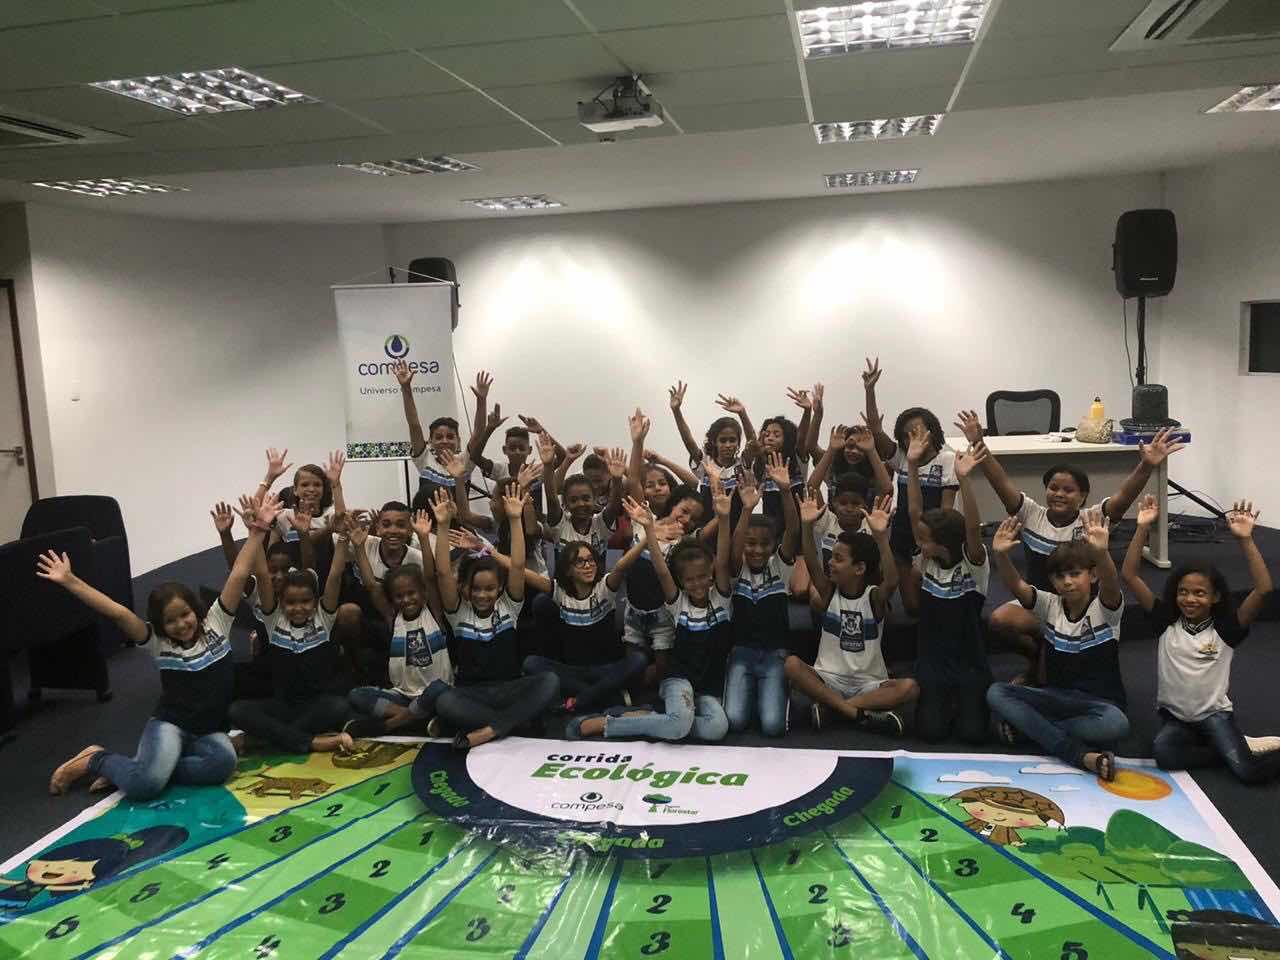 Compesa e BRK Ambiental premiam escola de Jaboatão dos Guararapes